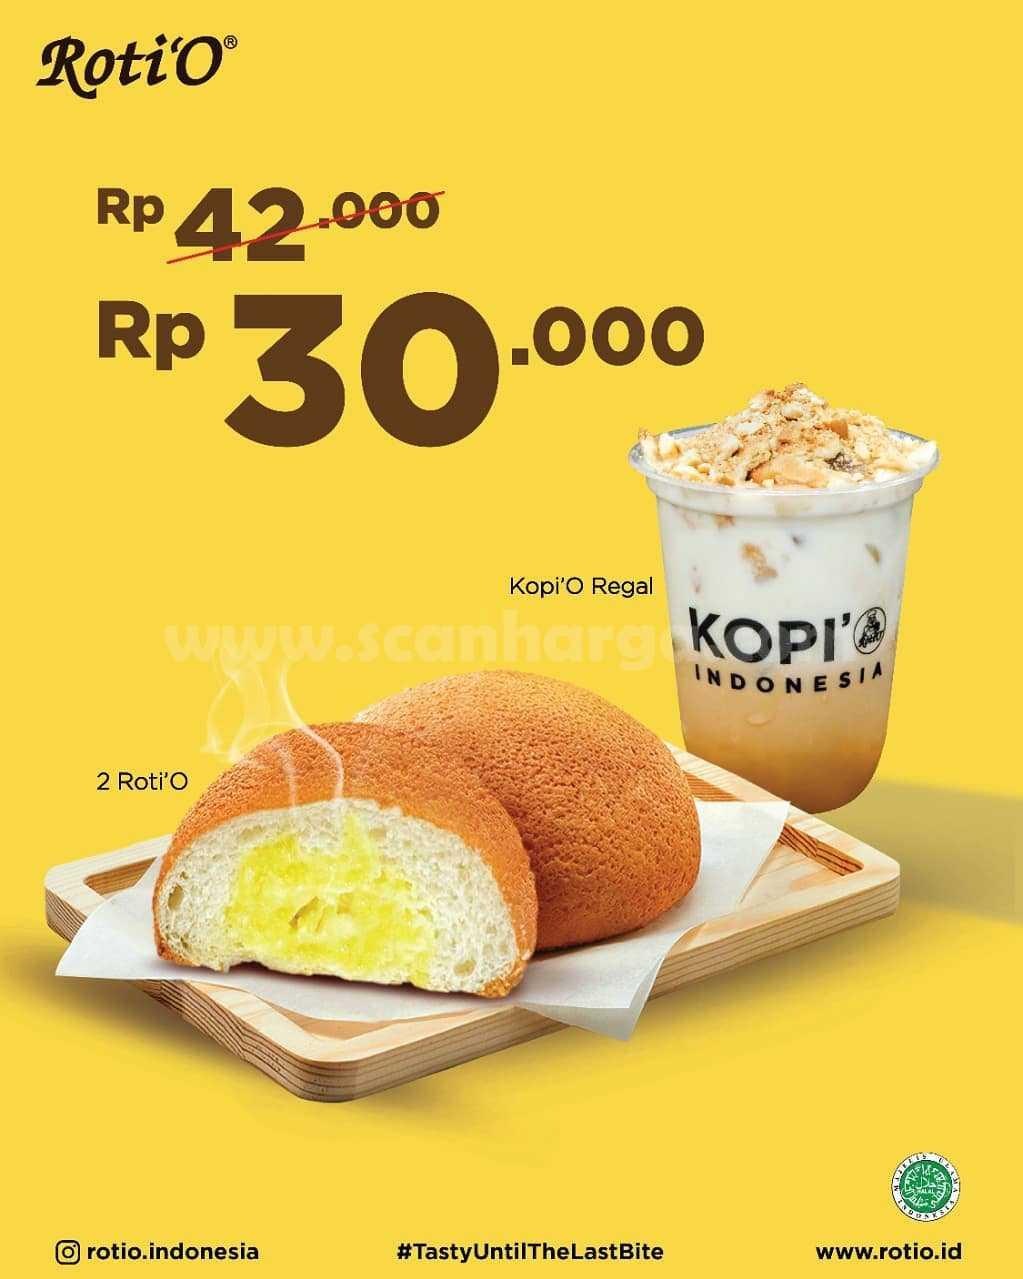 Promo RotiO Terbaru - Beli 2 Roti'O + Kopi Roti'O Regal hanya Rp 30.000